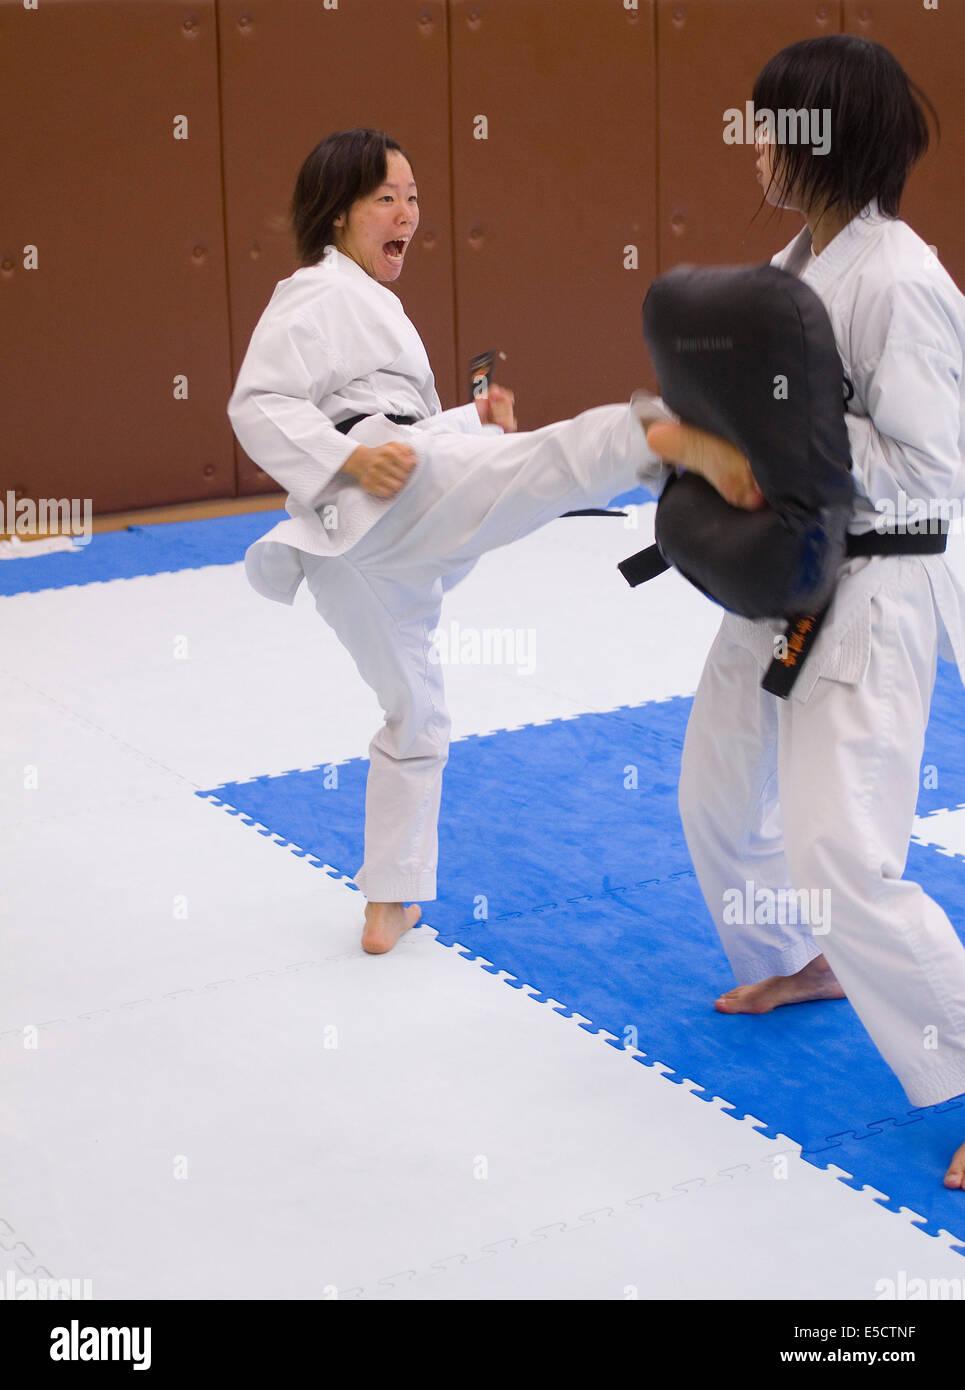 Gli adolescenti giapponesi a praticare il karate calci contro le pastiglie. Immagini Stock